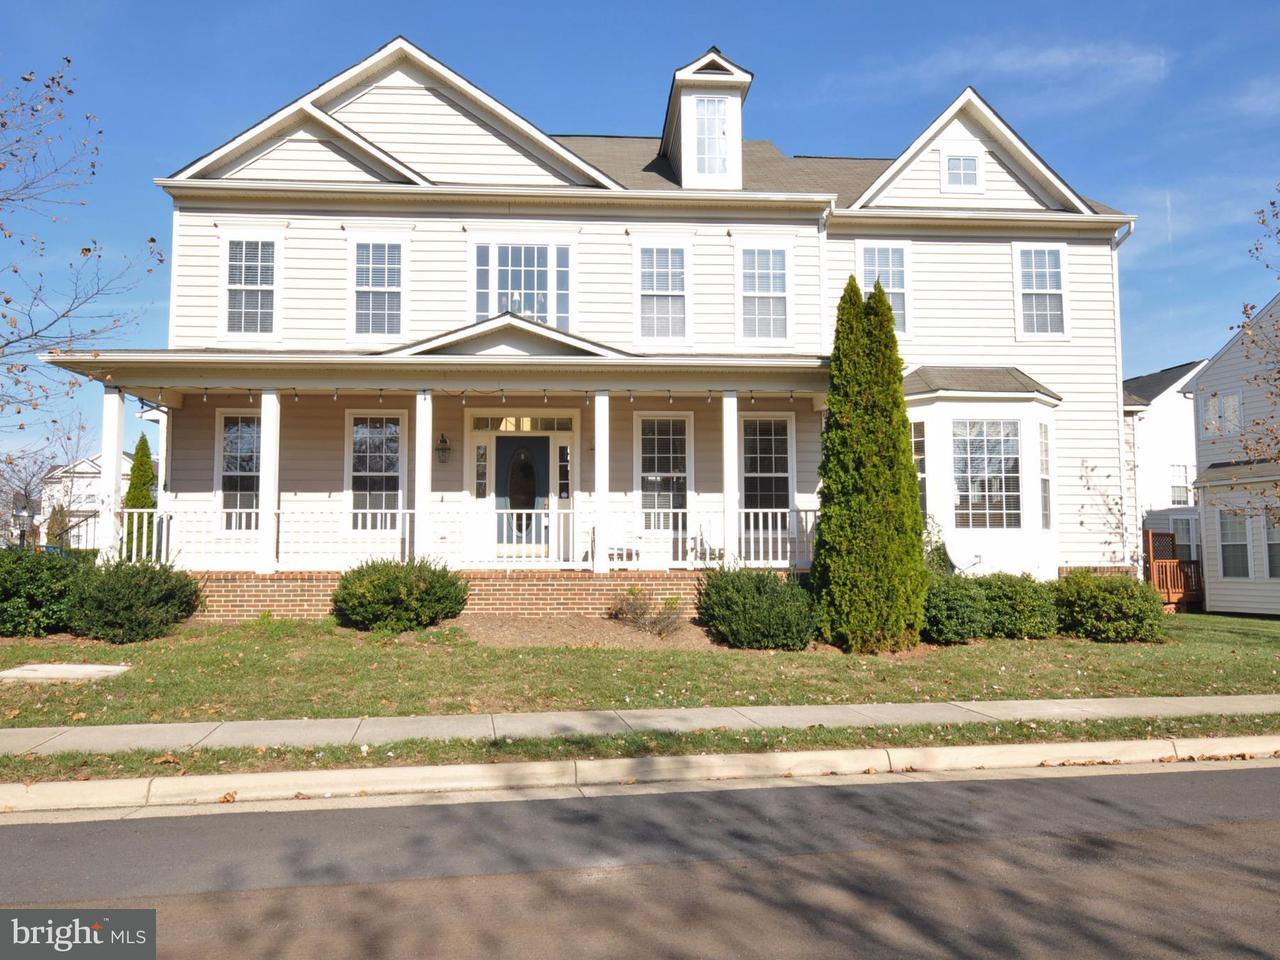 Maison unifamiliale pour l Vente à 43206 ARBOR GREENE WAY 43206 ARBOR GREENE WAY Broadlands, Virginia 20148 États-Unis